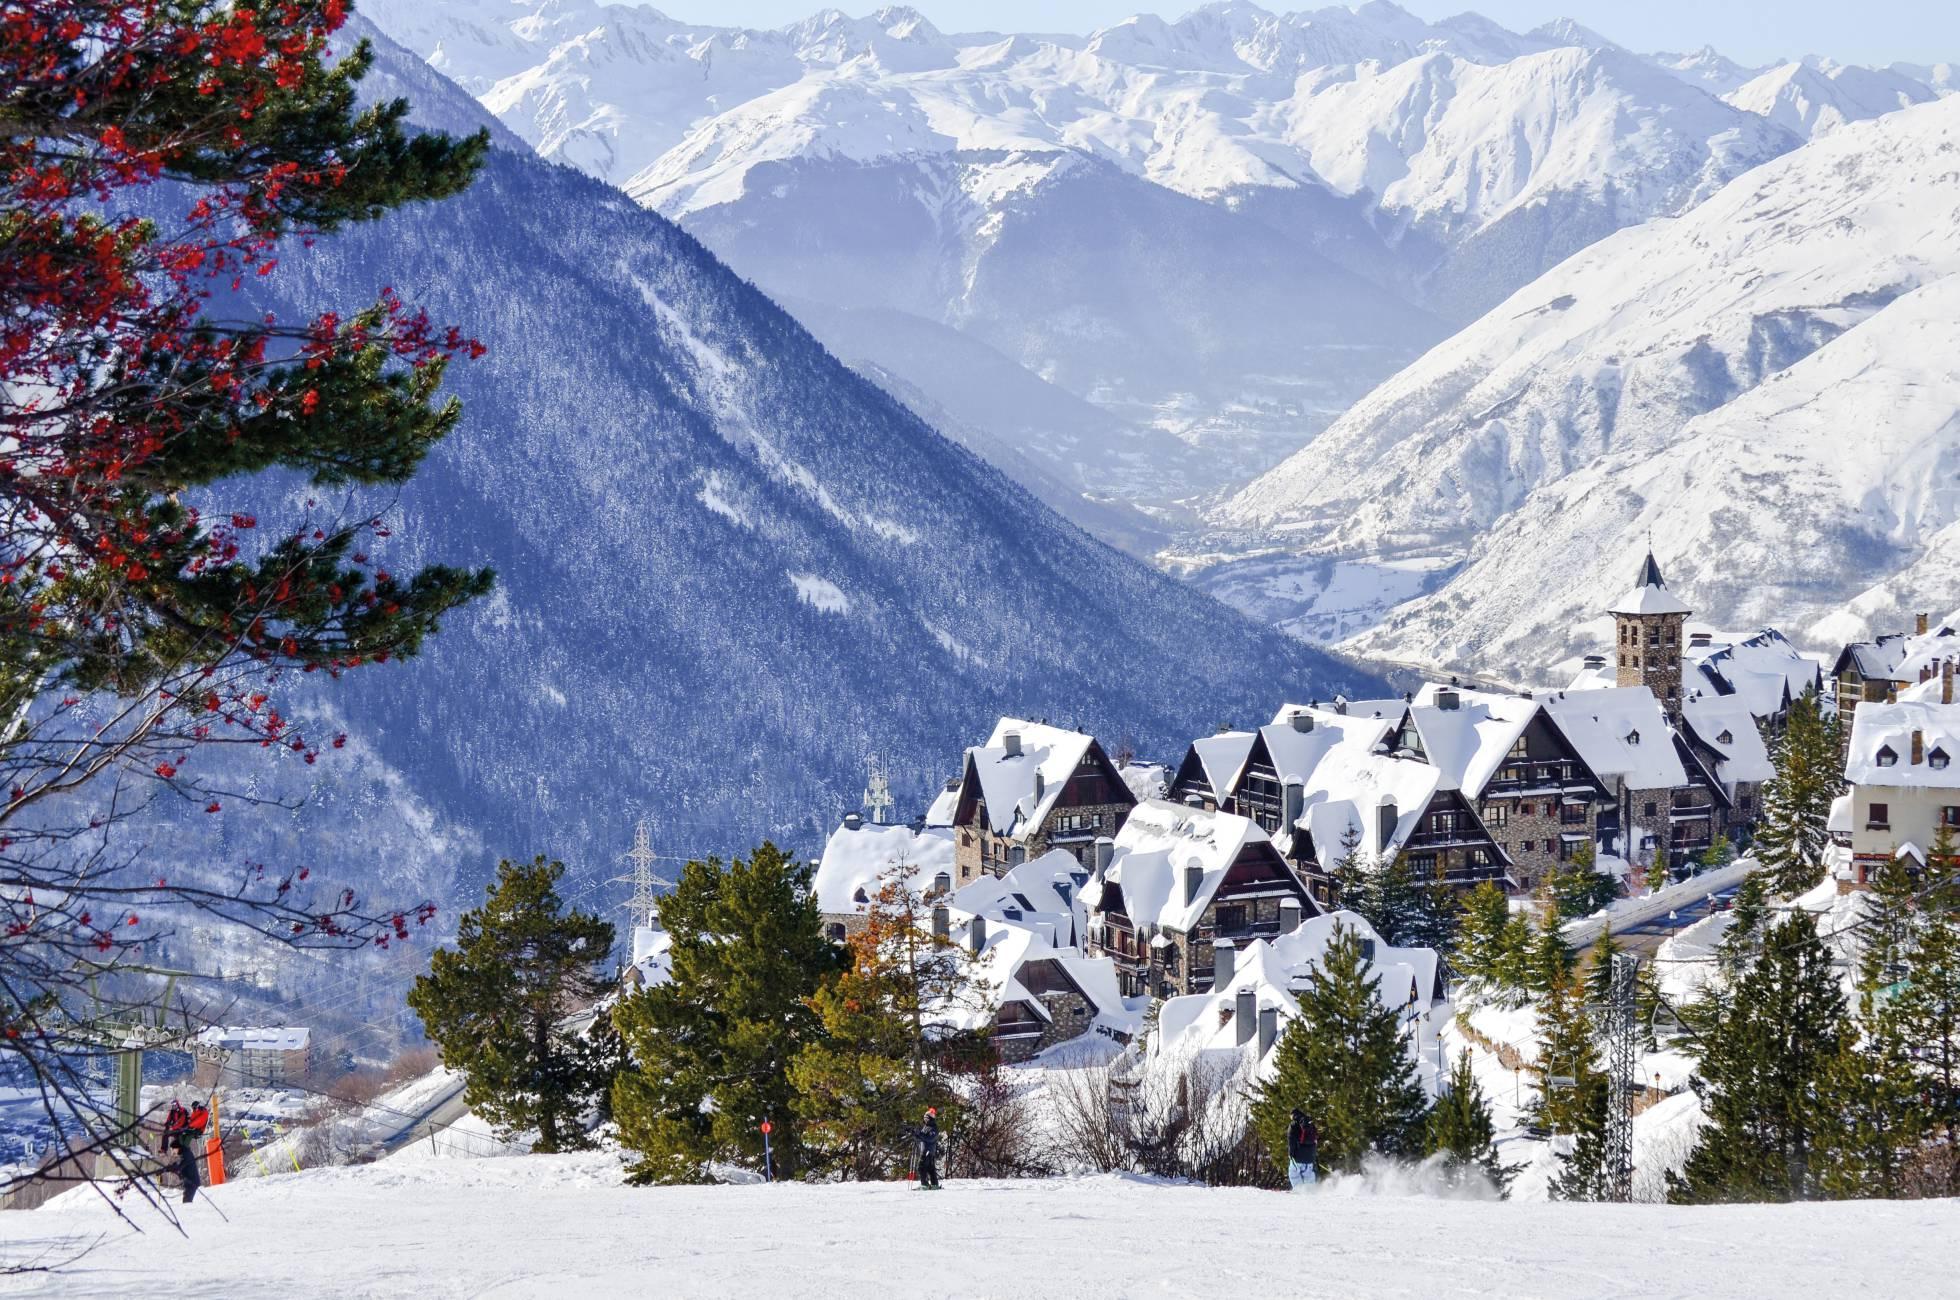 Горнолыжные курорты Испании и Андорры презентуют новую инфраструктуру в этом сезоне